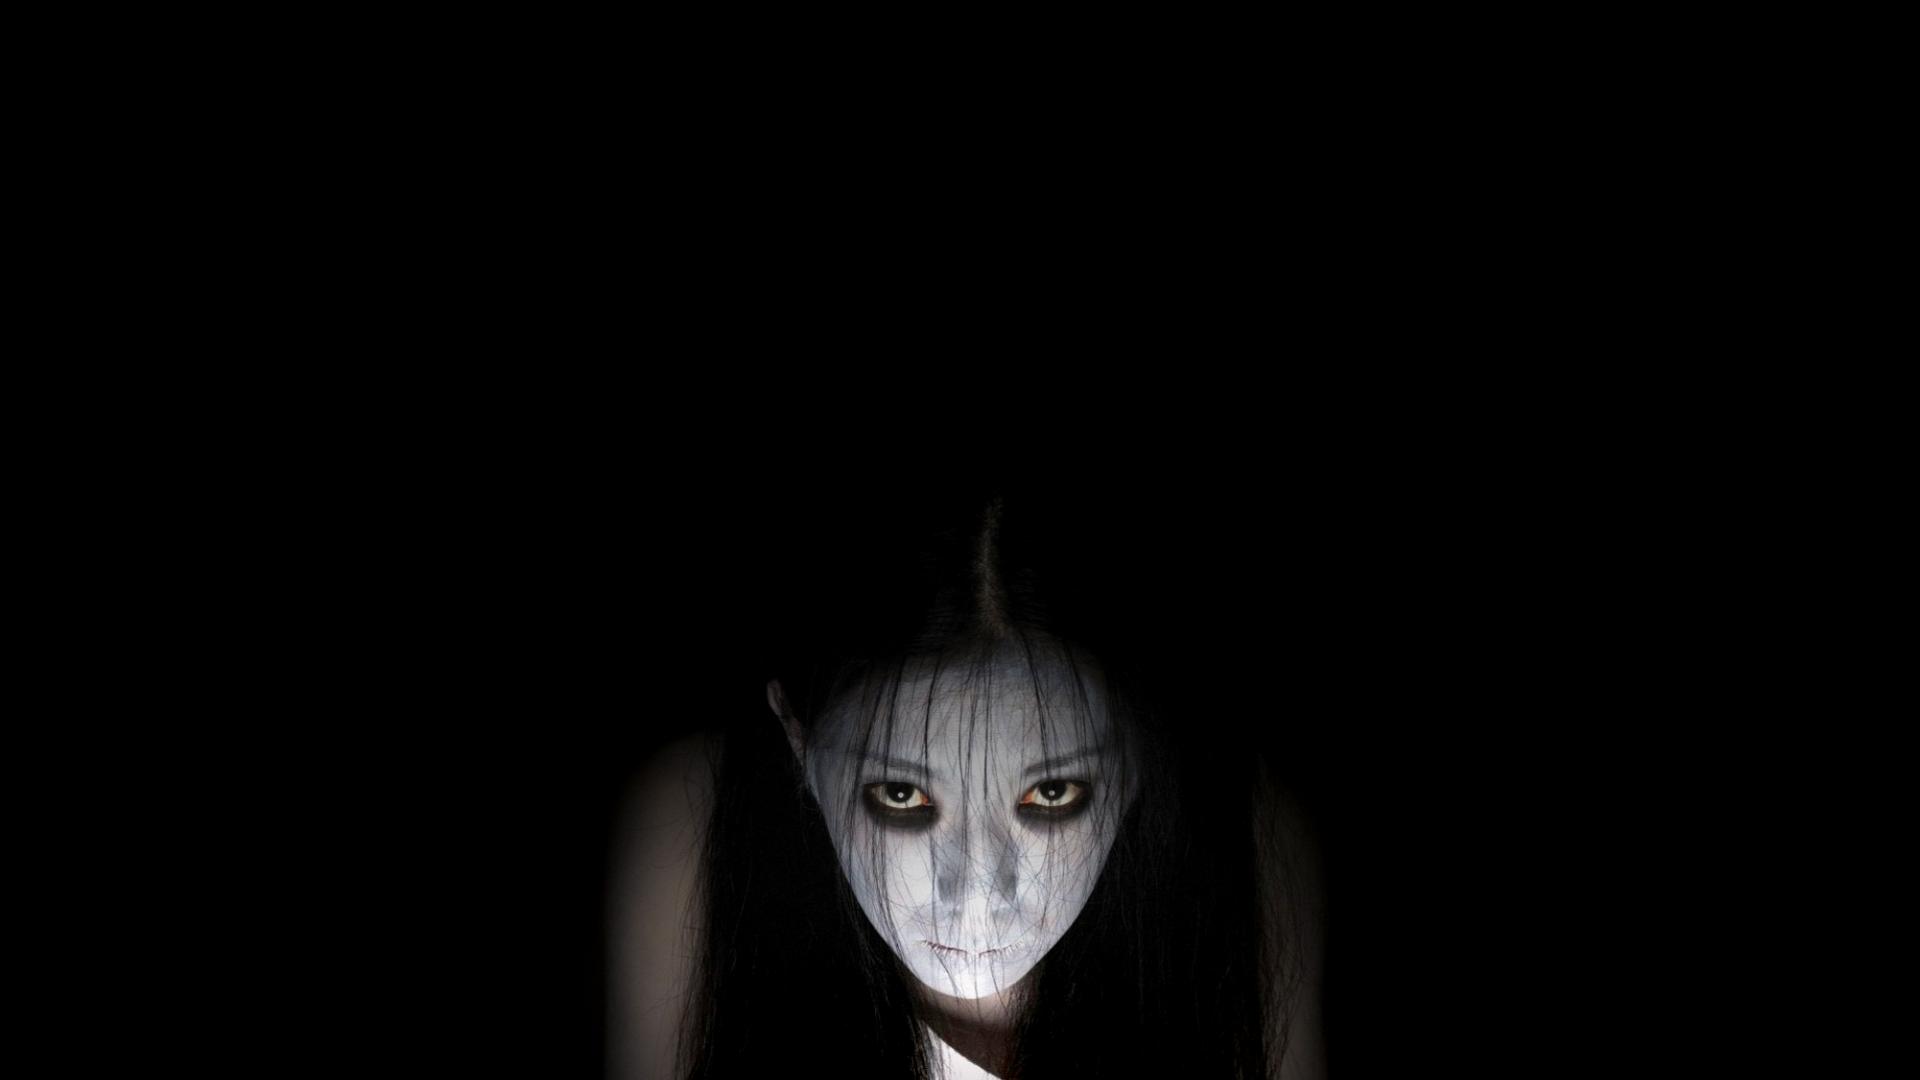 Пугающая картинка на ночь